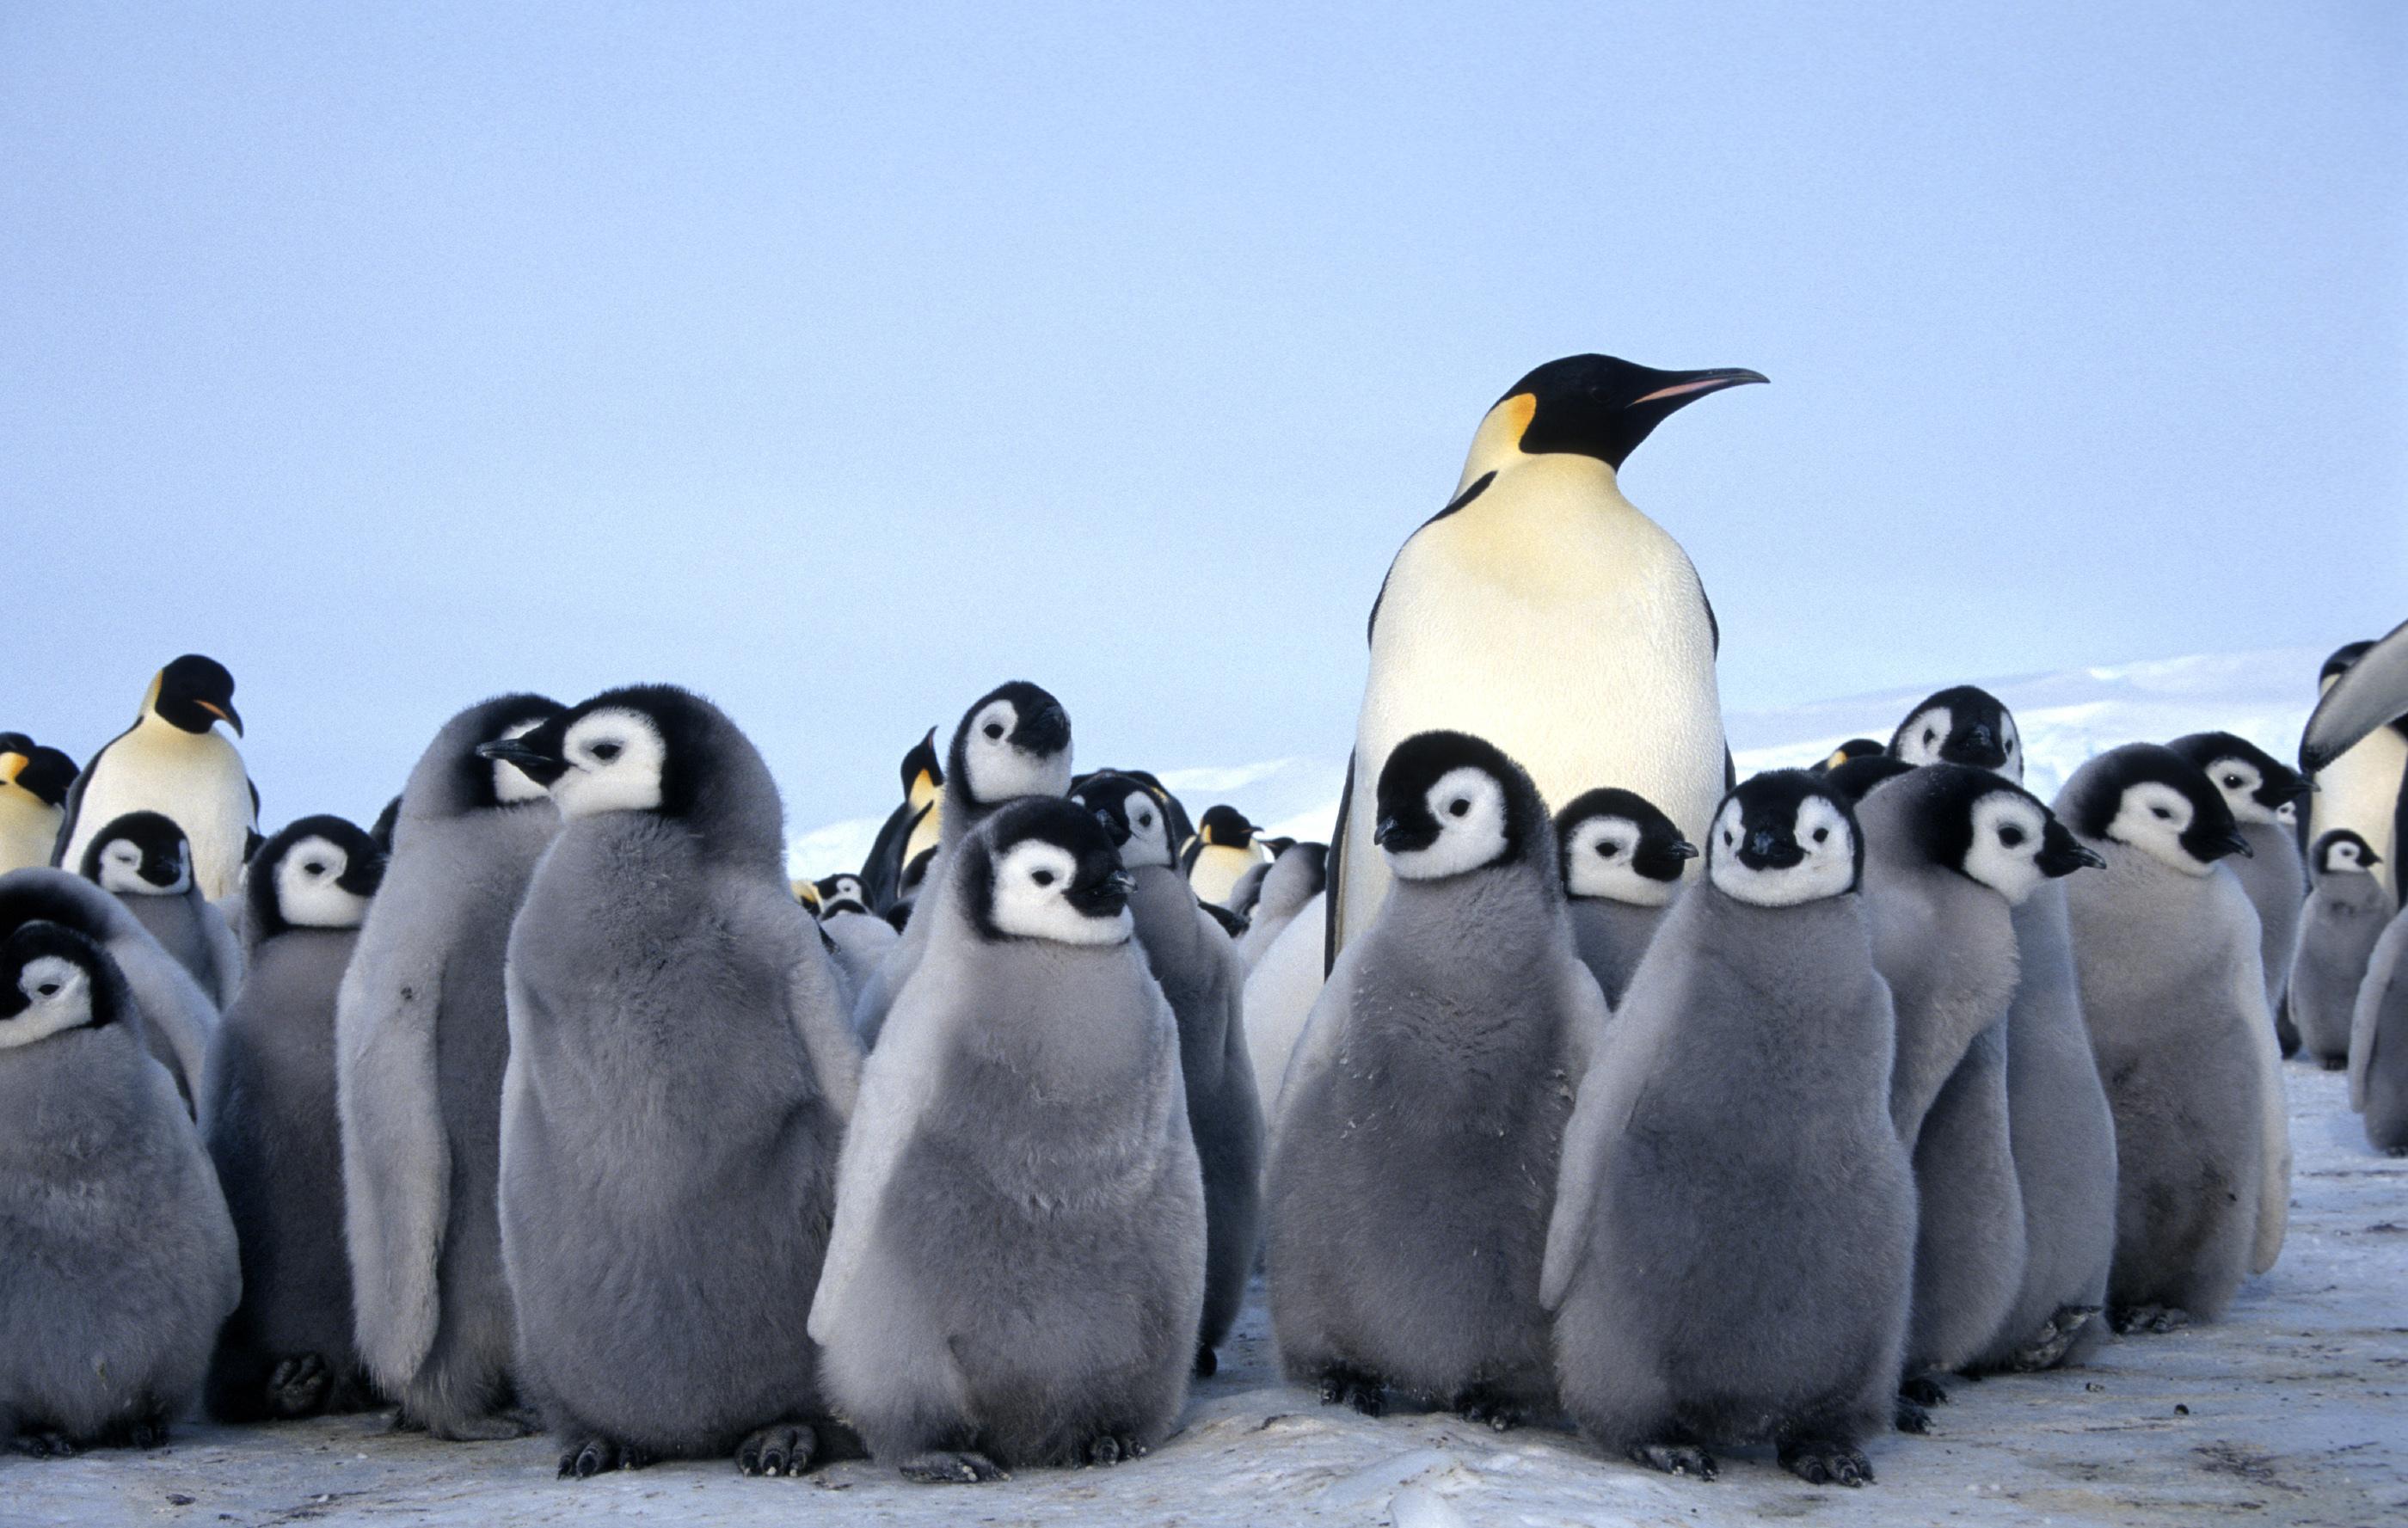 Đàn chim cánh cụt hoàng đế với những con non rất dễ thương